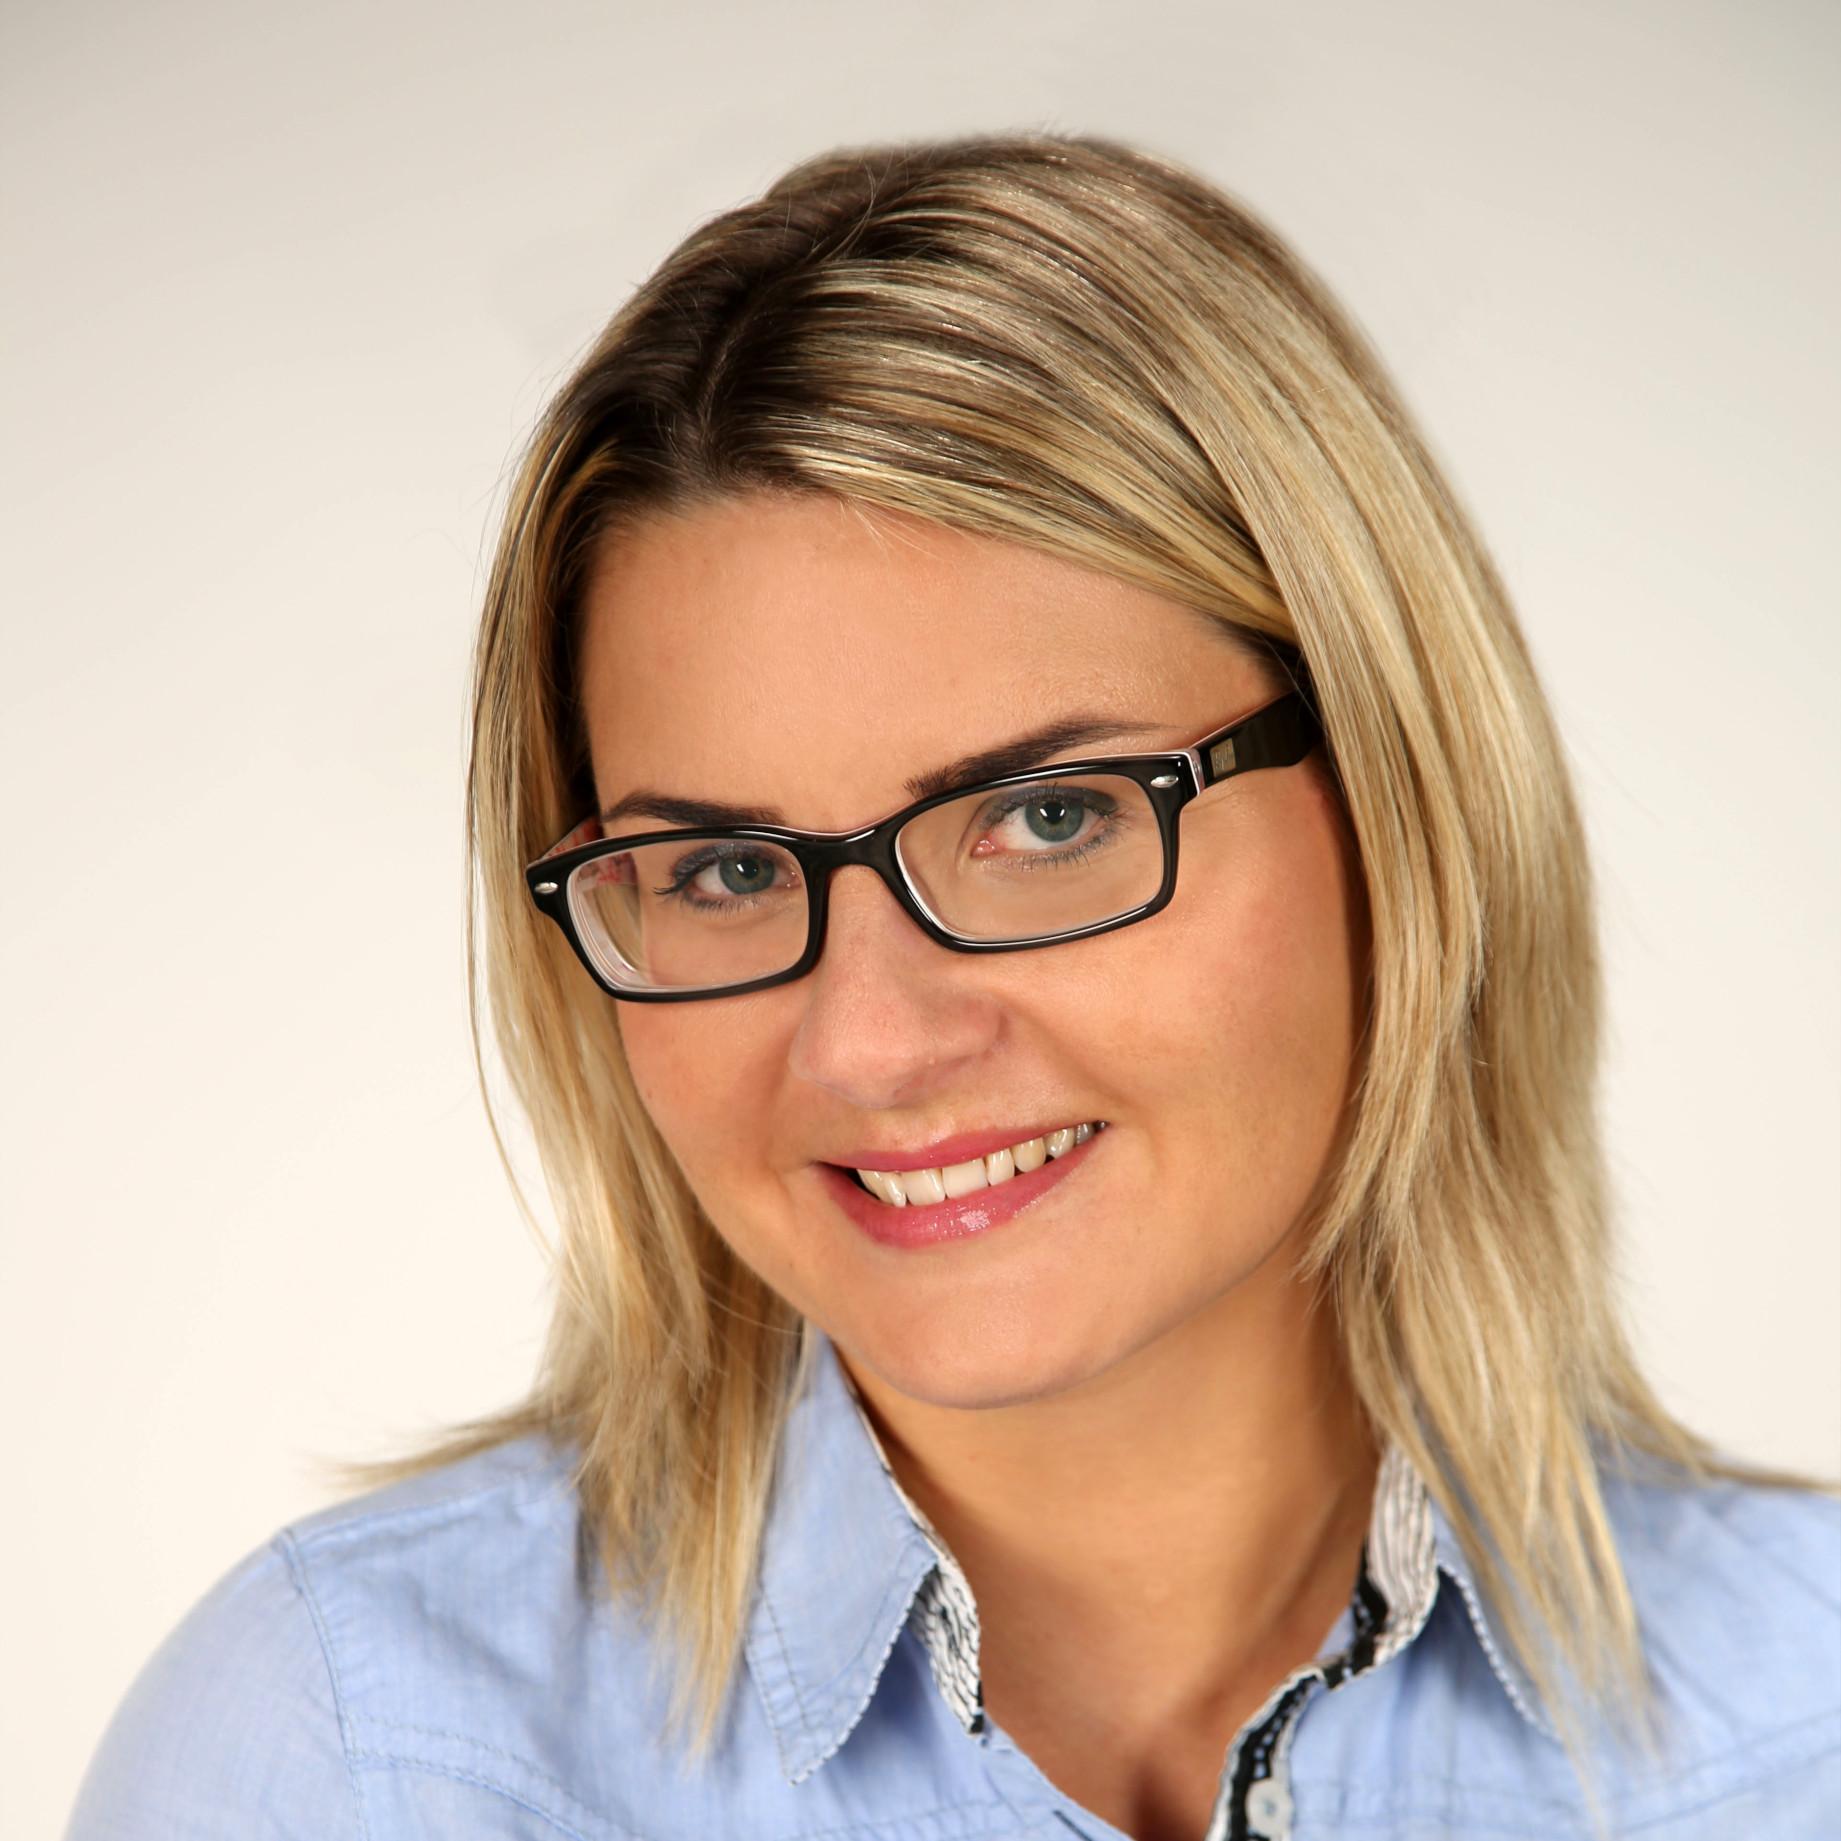 Kamila Zefert